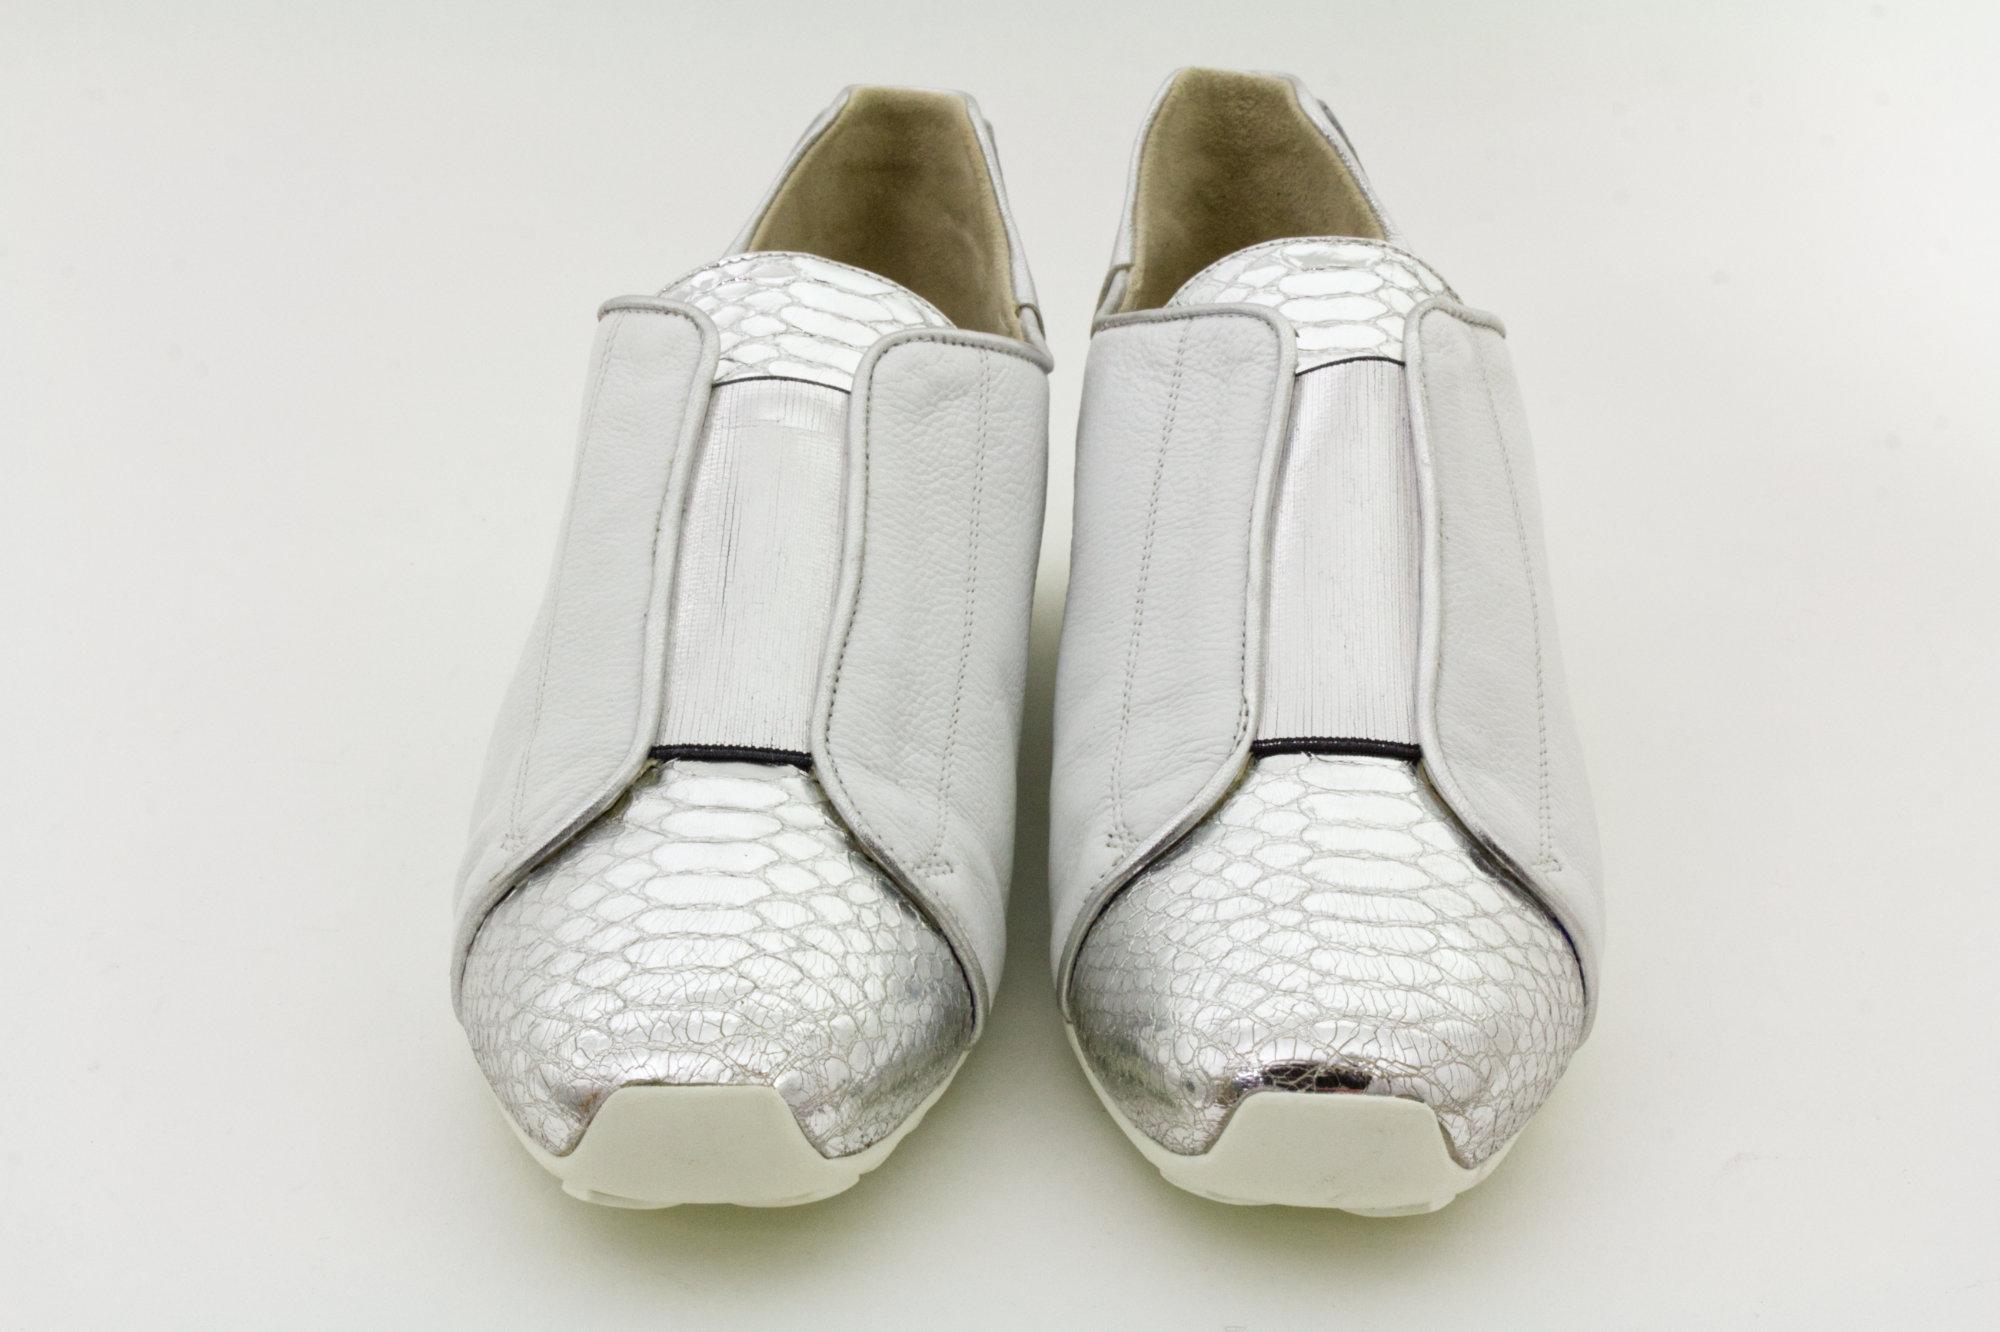 Mania Damen Schuh in Weiss, in Größe Nr.39 von vorne gesehen